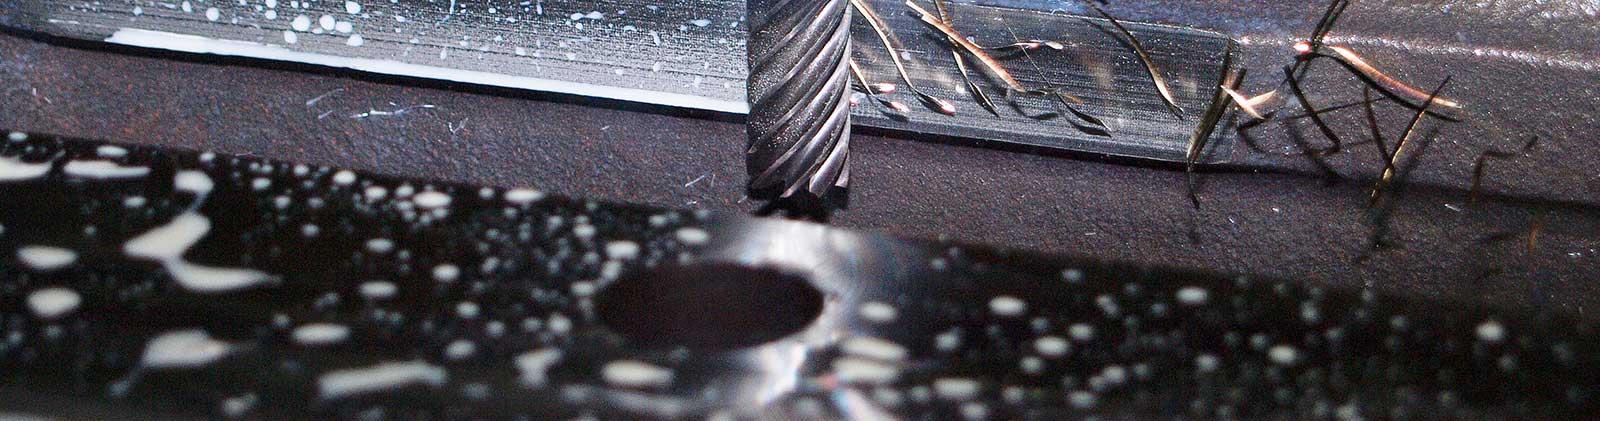 CNC Fräsen, SMV Straub Metallverarbeitung